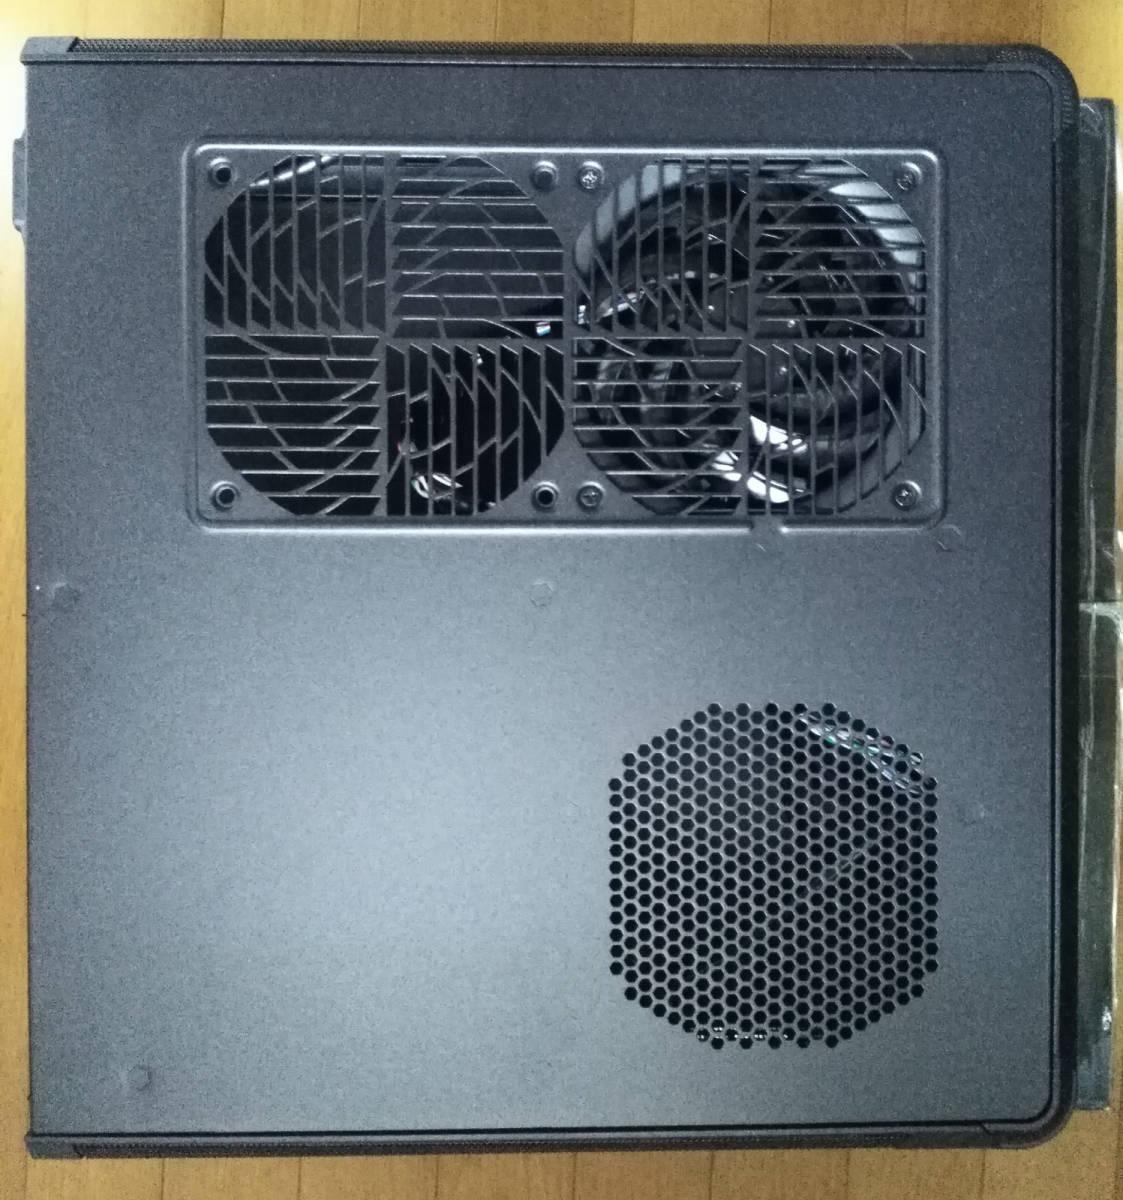 1円~ SilverStone SST-FTZ01B (Mini-ITX スリム itx dtx RVZ01 ML07B ゲーミング PCケース ftz HTPC スチール 光学ドライブ SFX 水冷) _画像3